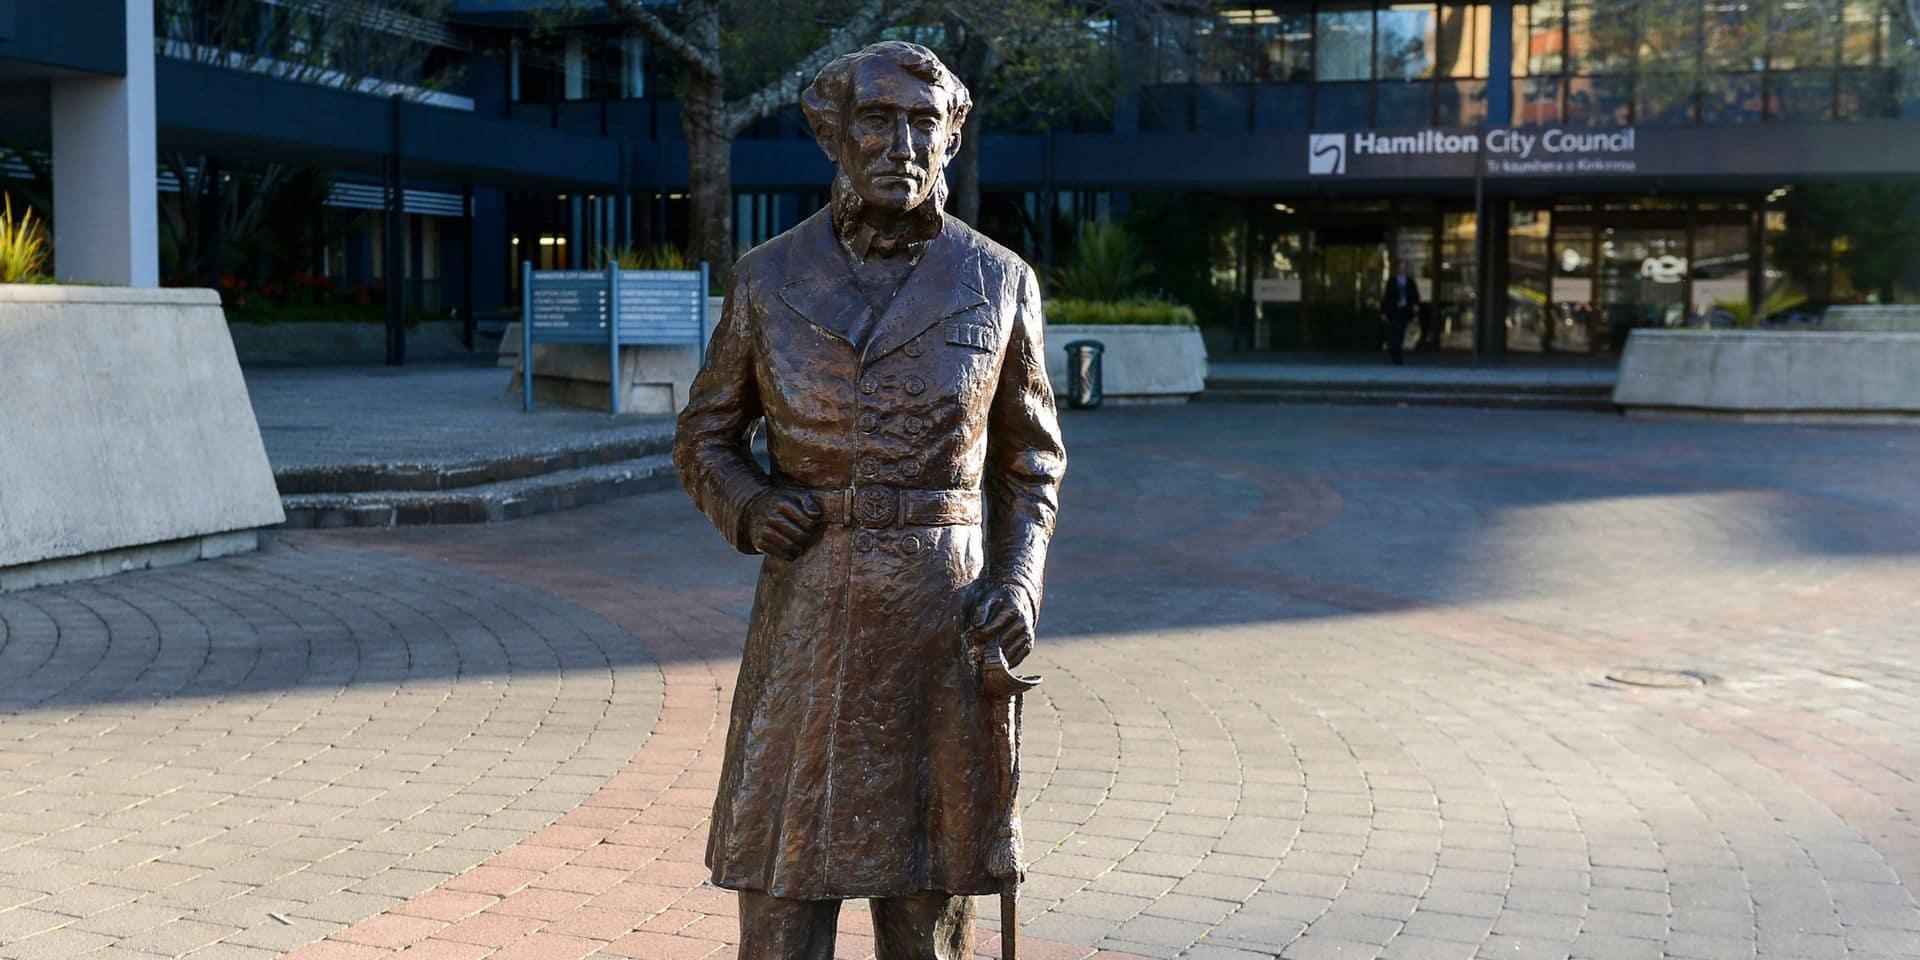 La Nouvelle-Zélande retire la statue controversée d'un commandant britannique